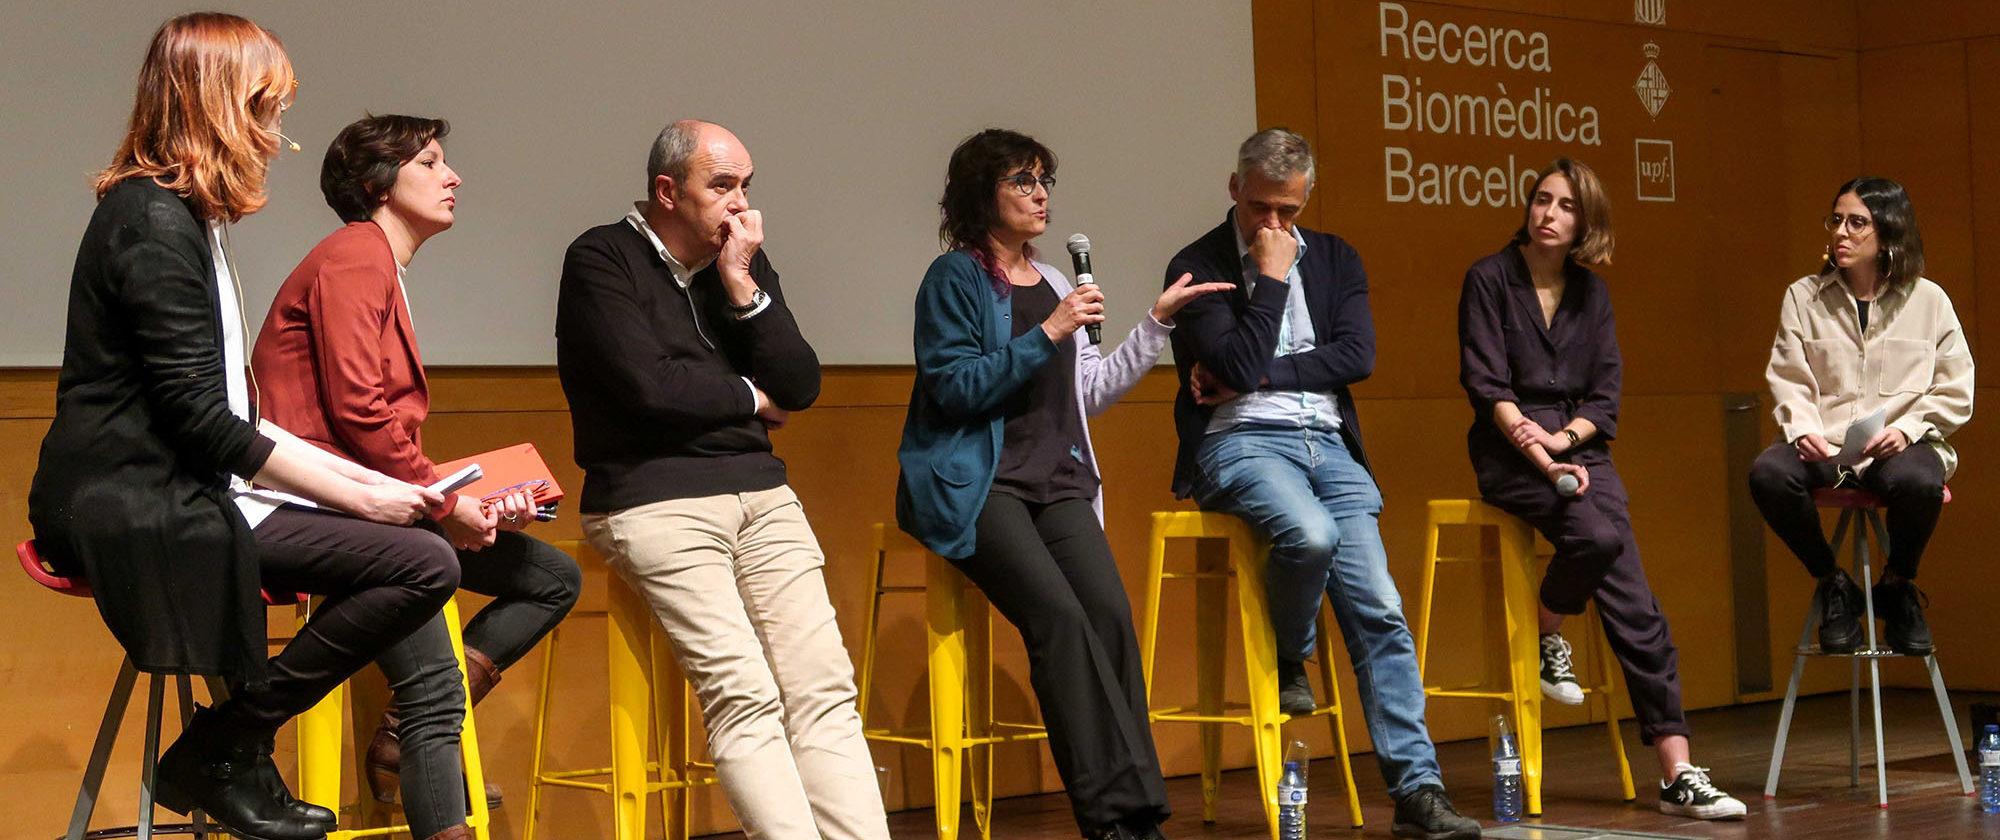 """Imatge del debat que va tenir lloc un cop finalitzada la projecció del documental """"Scientifilia""""."""